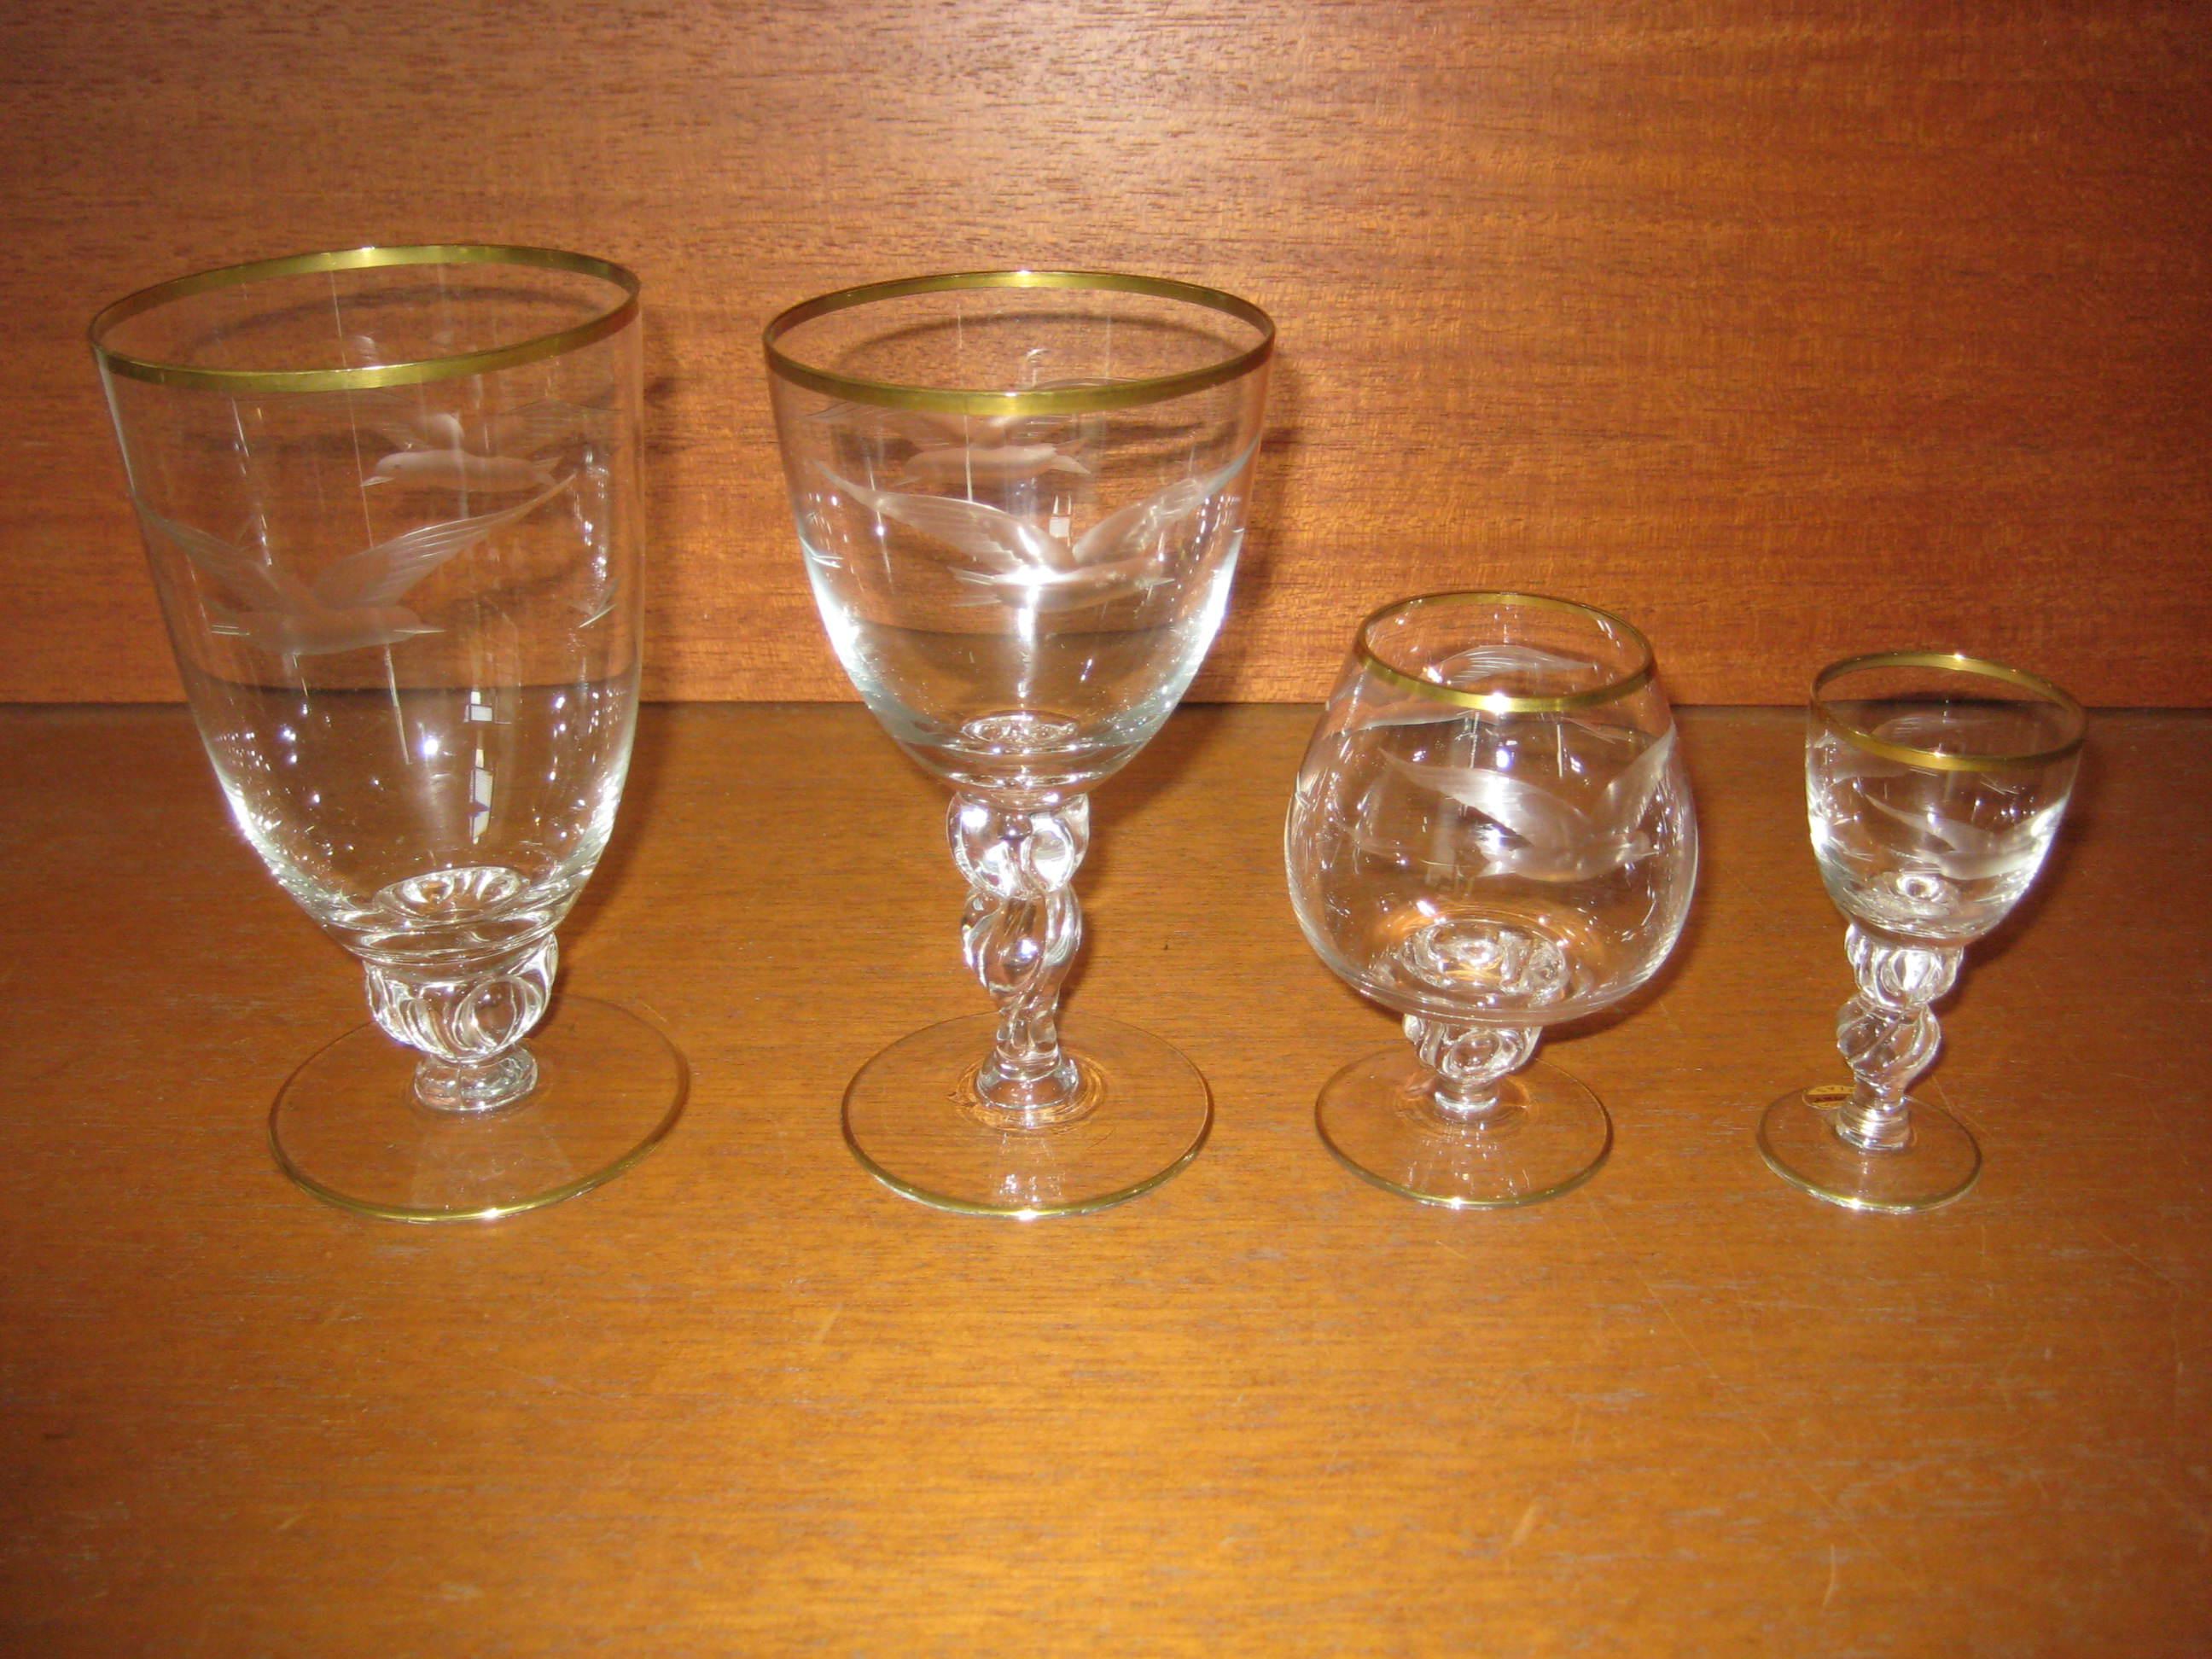 Maageglas fra Lyngby Glasværk